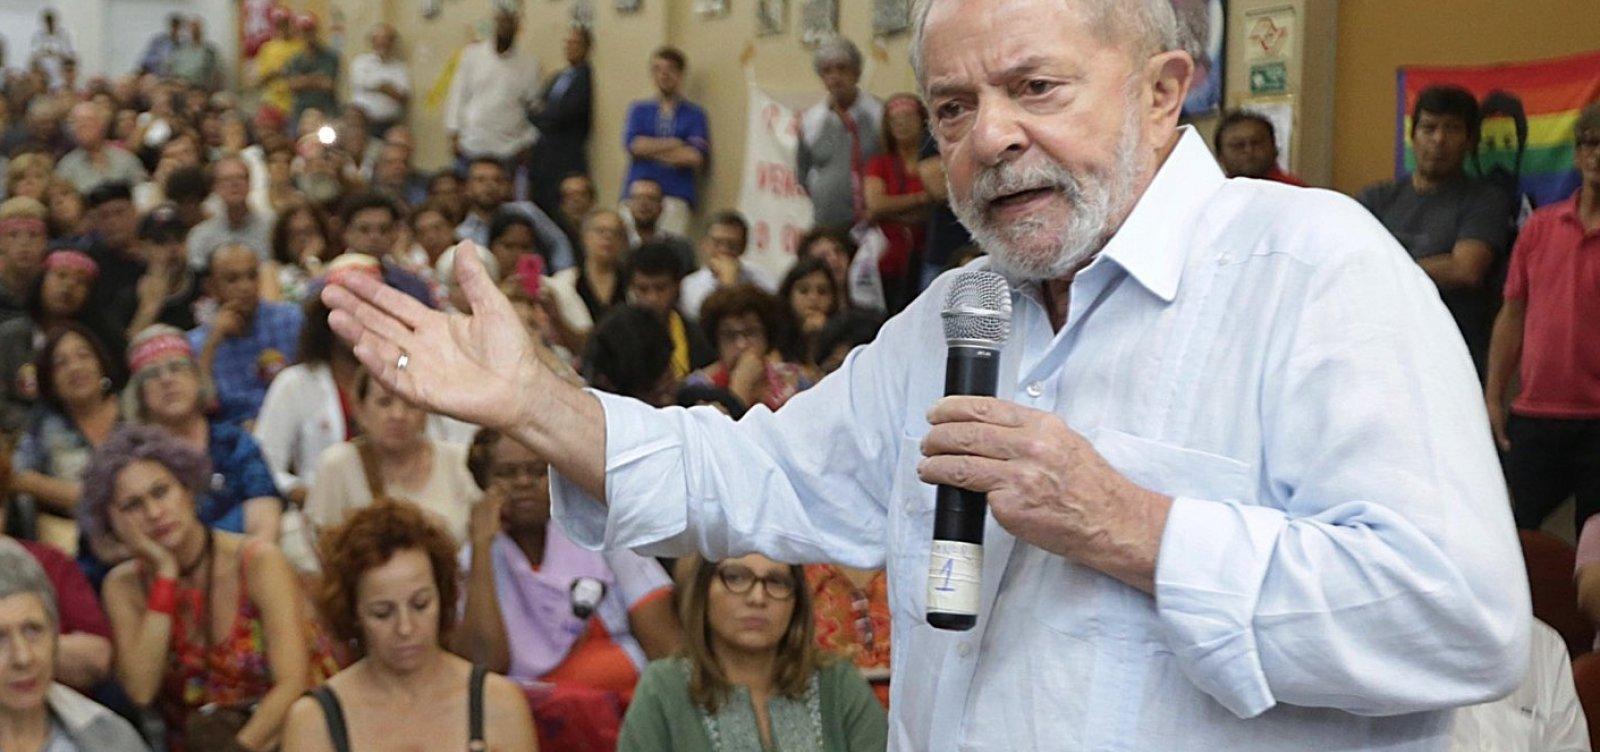 ['Essa gente não suporta a ascensão social dos mais pobres', diz Lula sobre Guedes]